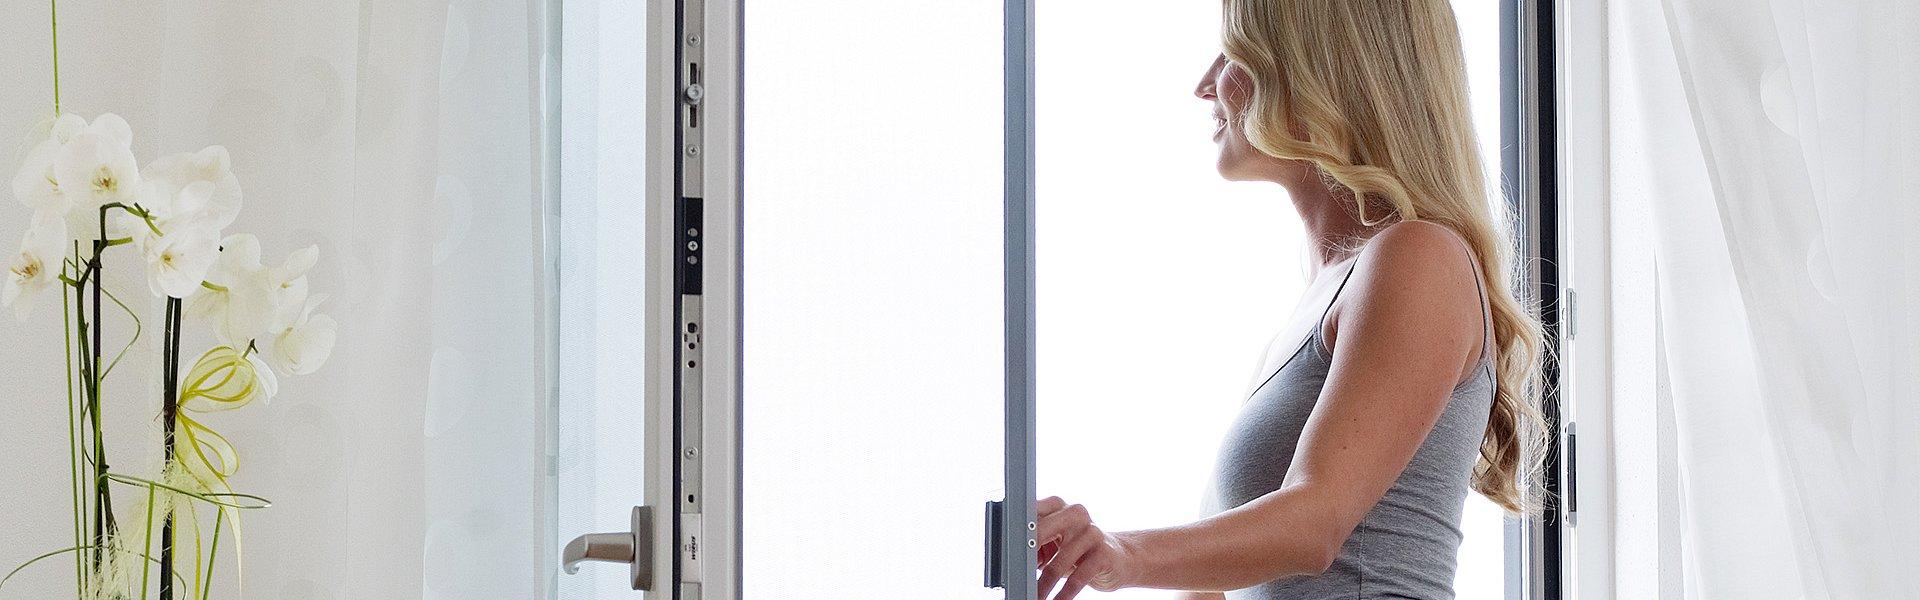 Москитная сетка для дверей. Дверная сетка плиссе. Раздвижные дверные сетки. Дверная сетка «Антикошка».